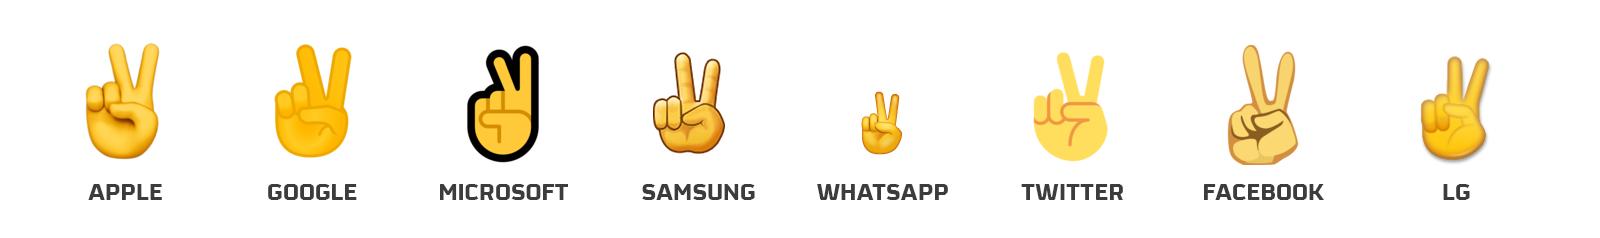 emoji saludo en V